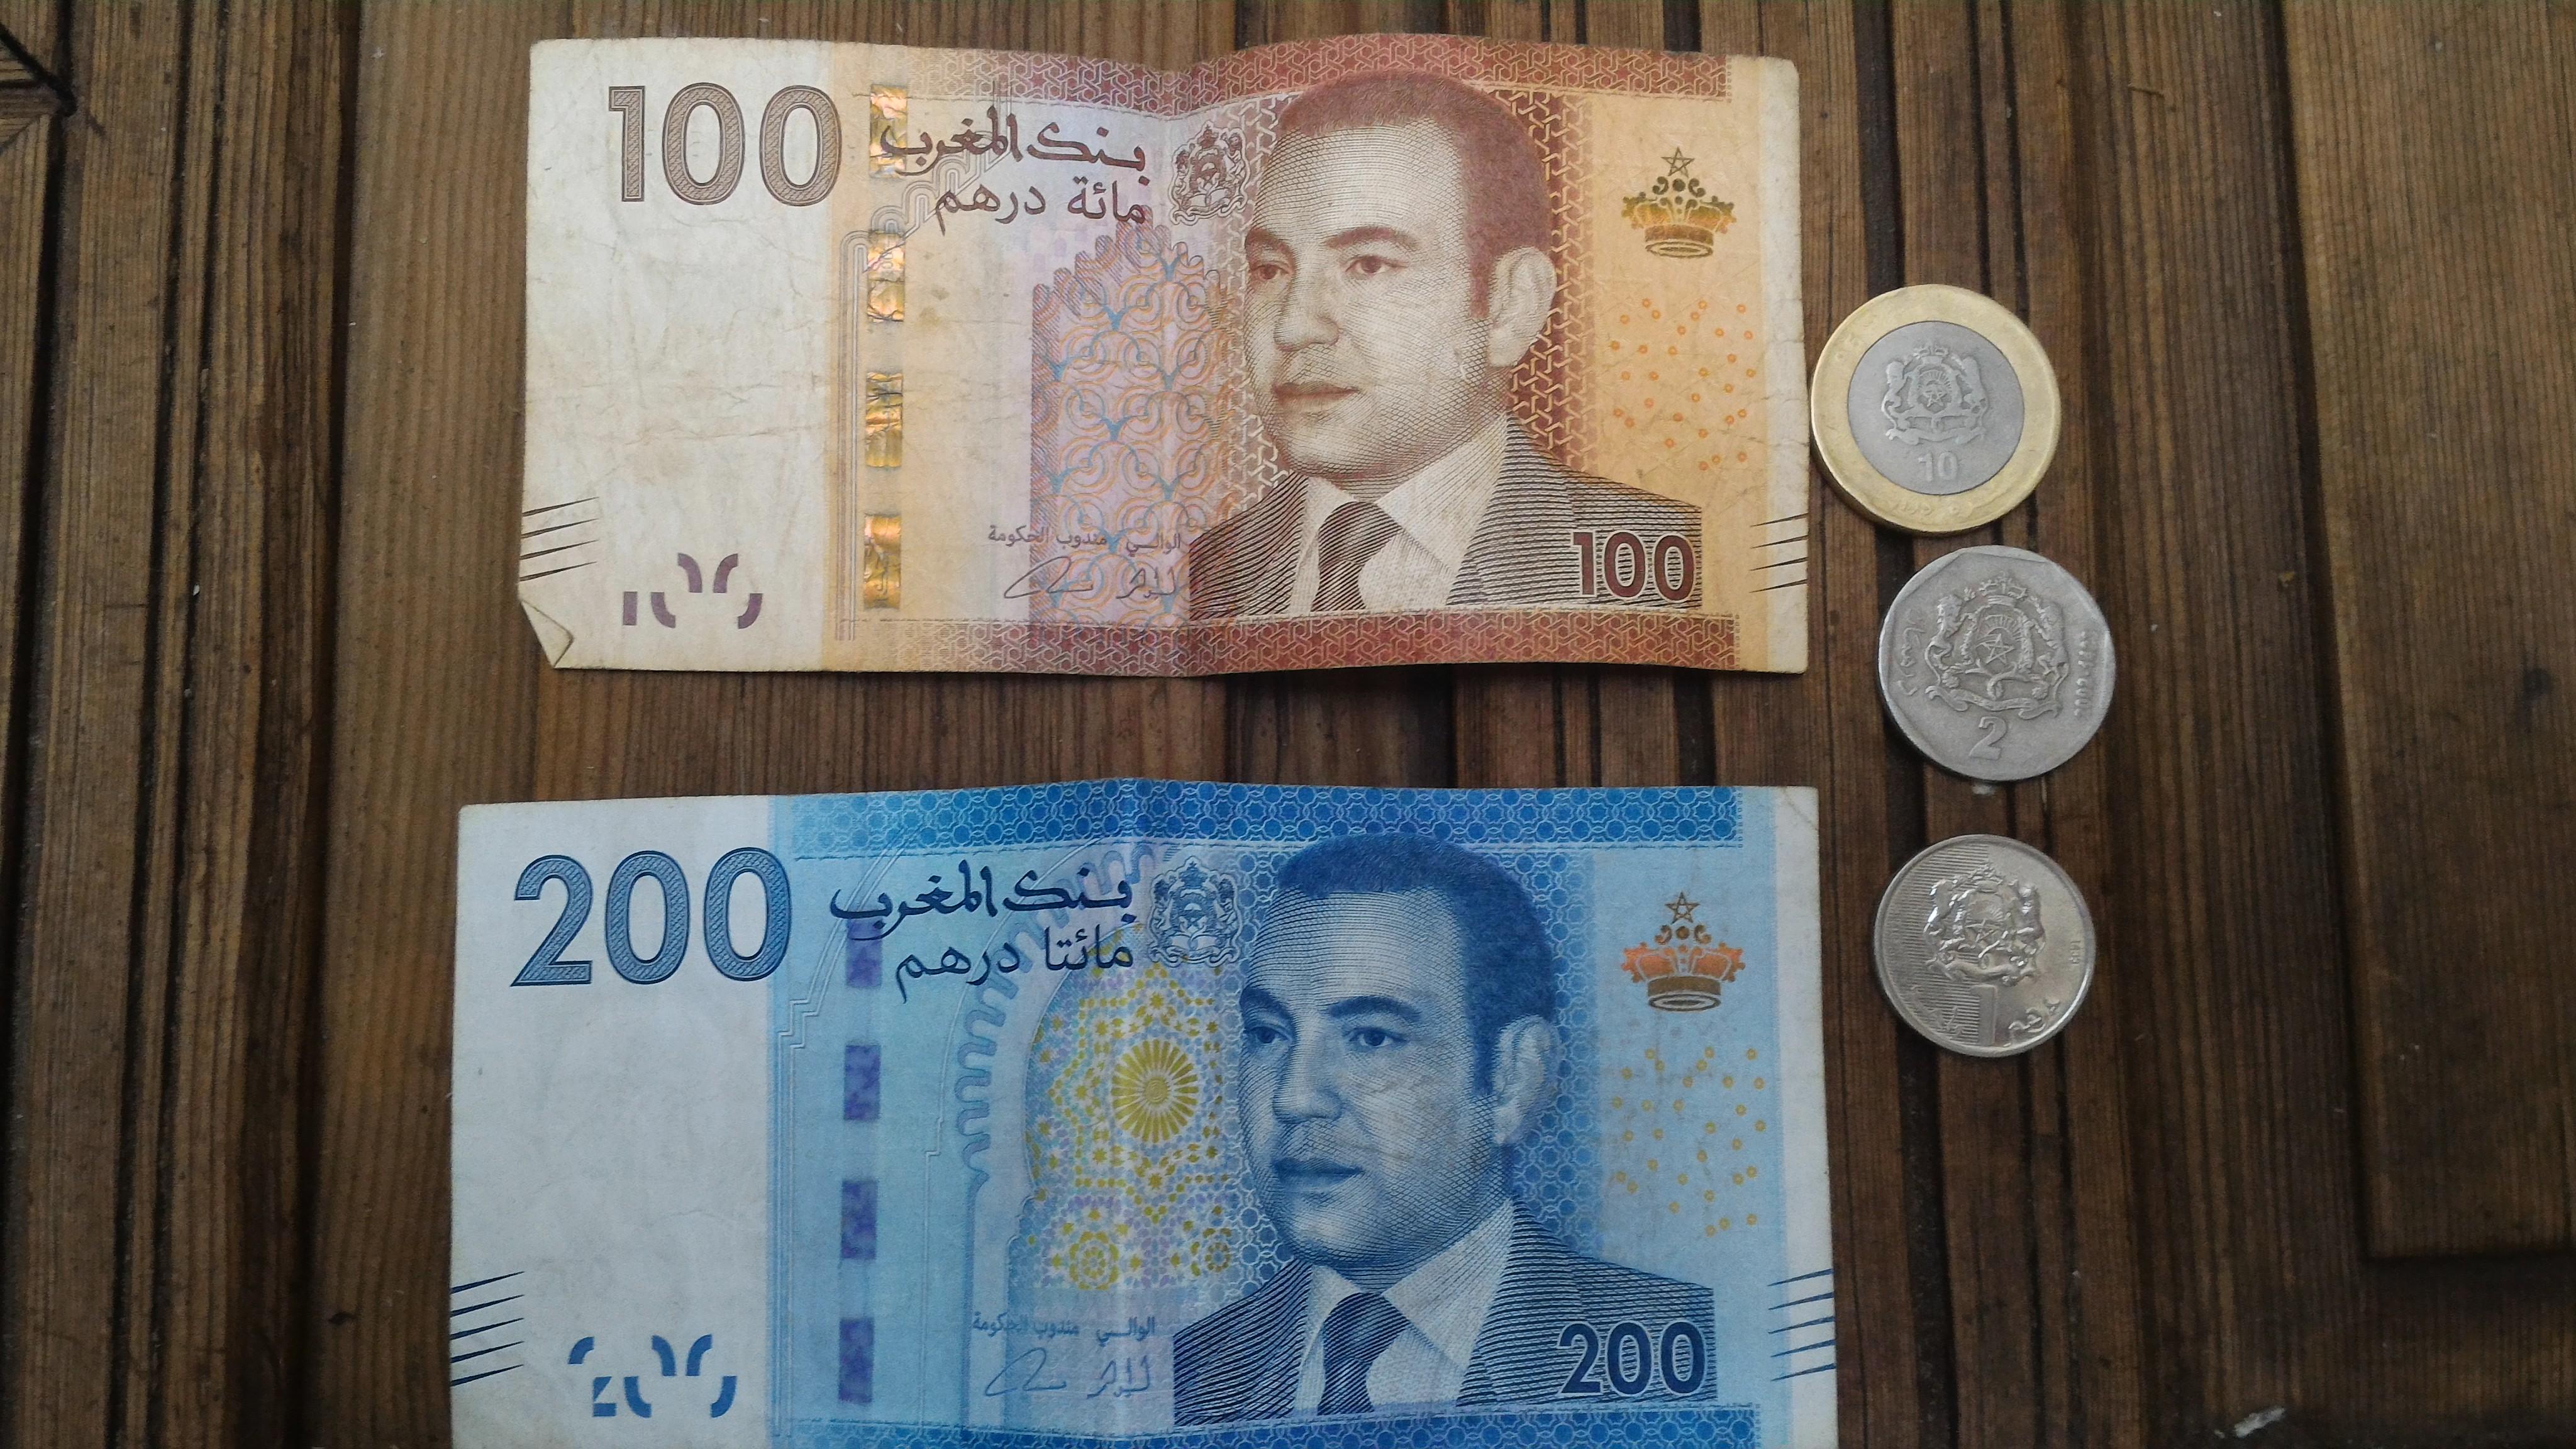 最新【モロッコ】住んでわかったリアルな物価情報を全公開!